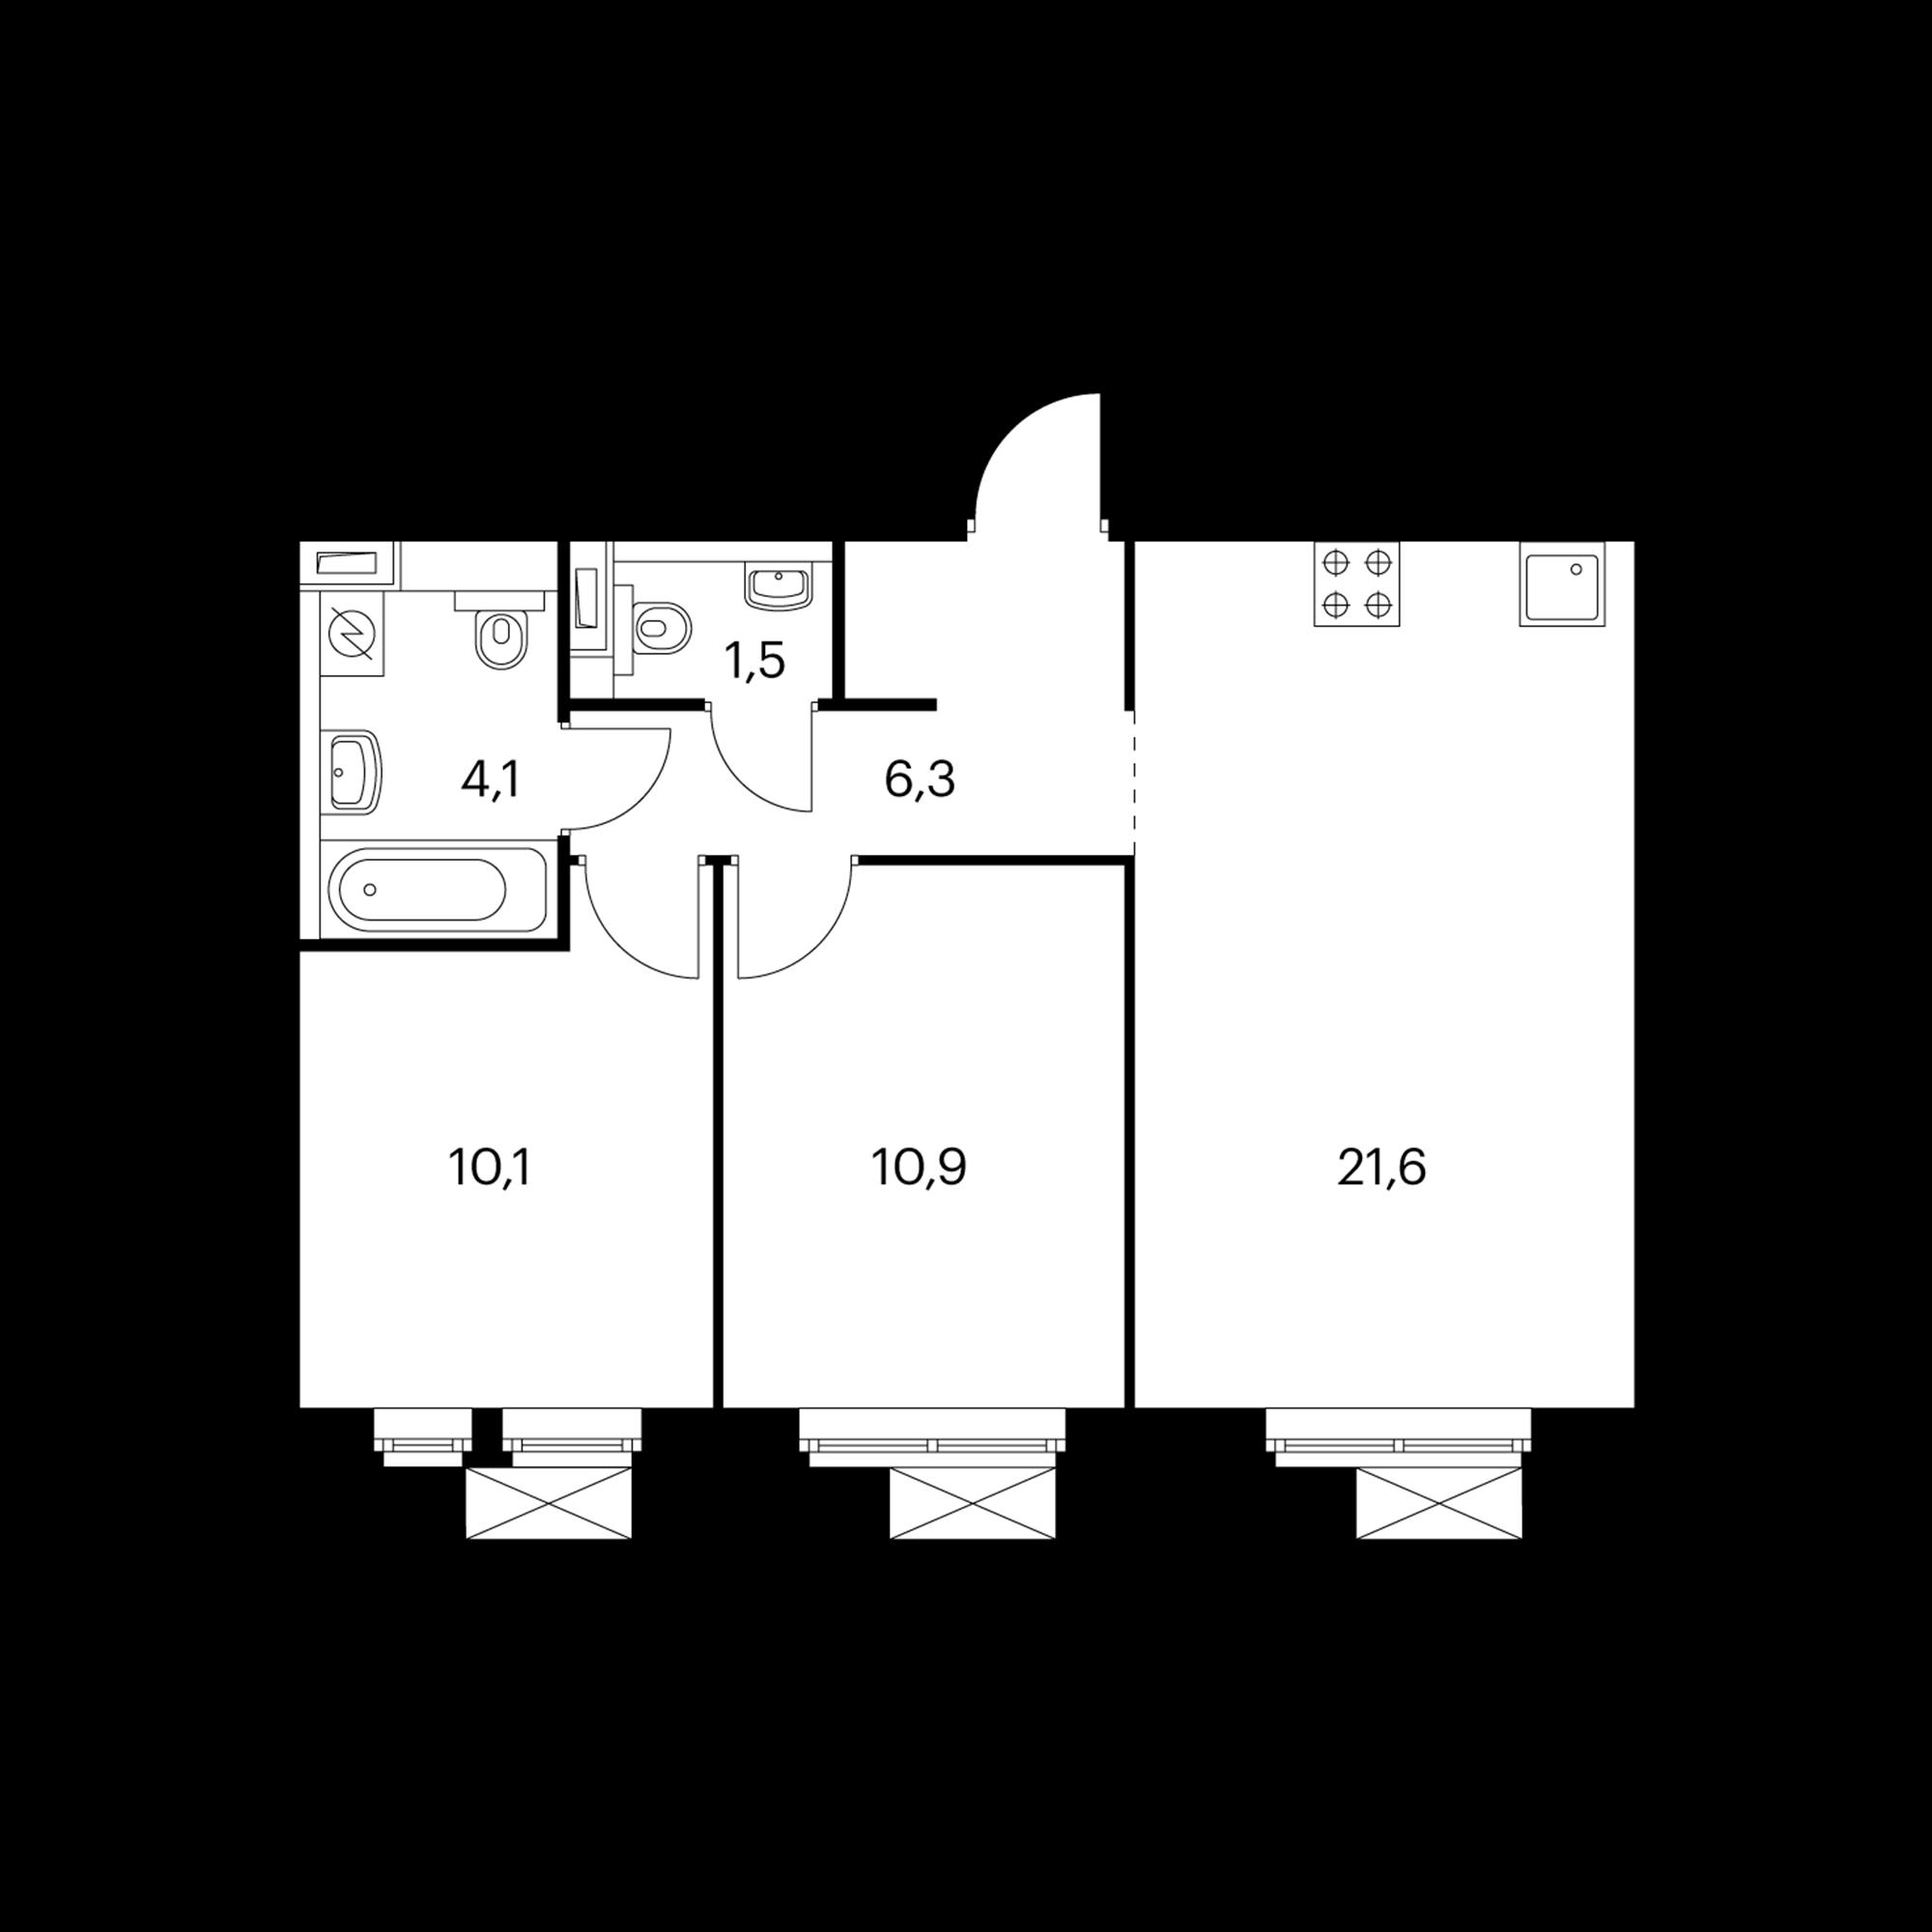 2ES9_9.6-1_S_A1